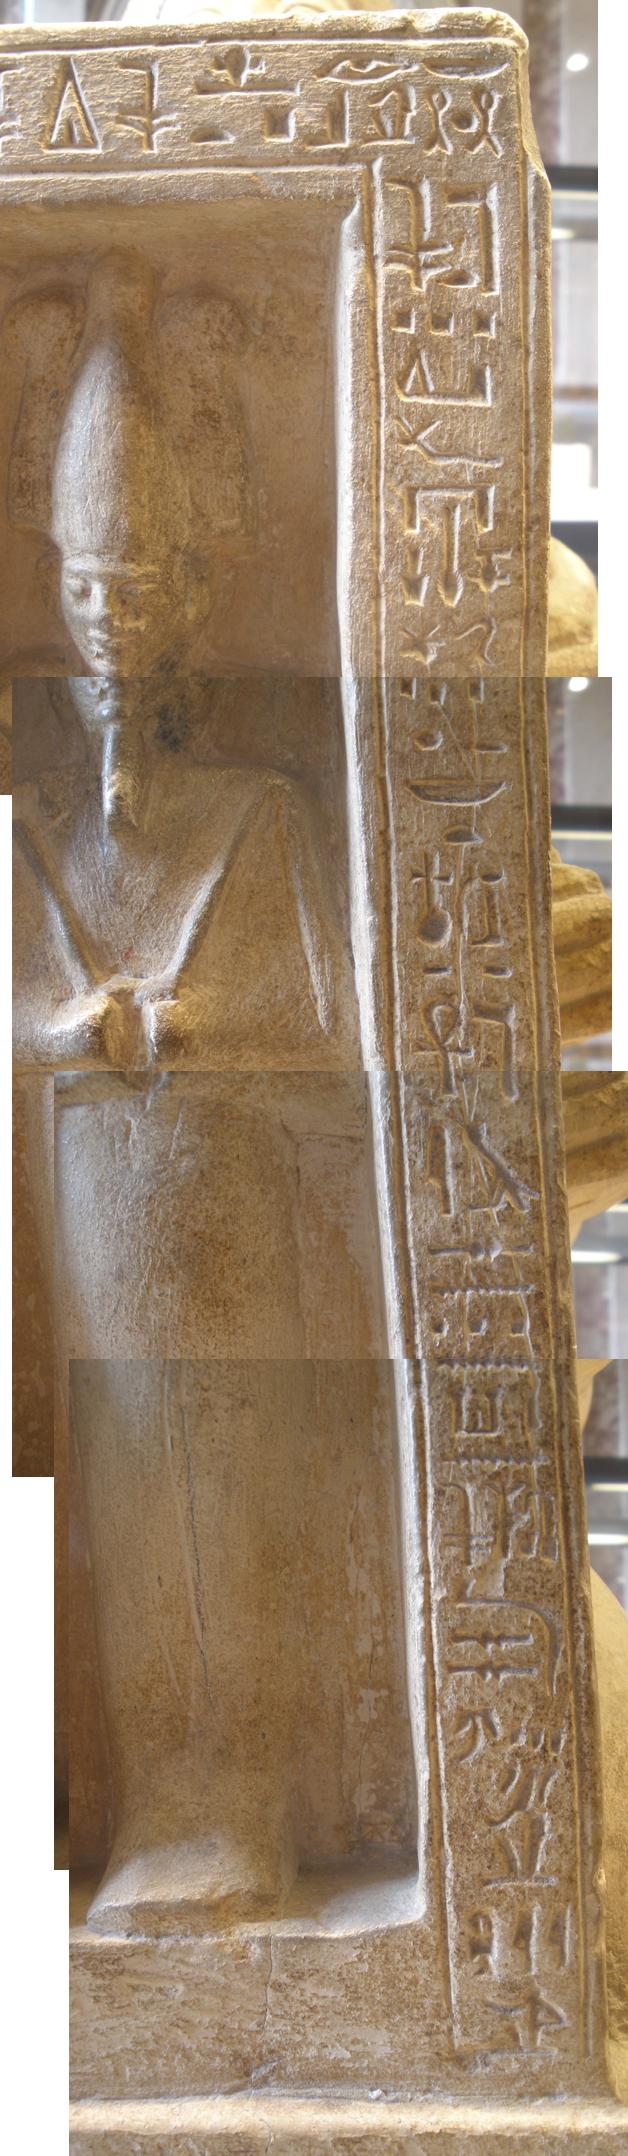 Souty - Formule d'offrande hiéroglyphes